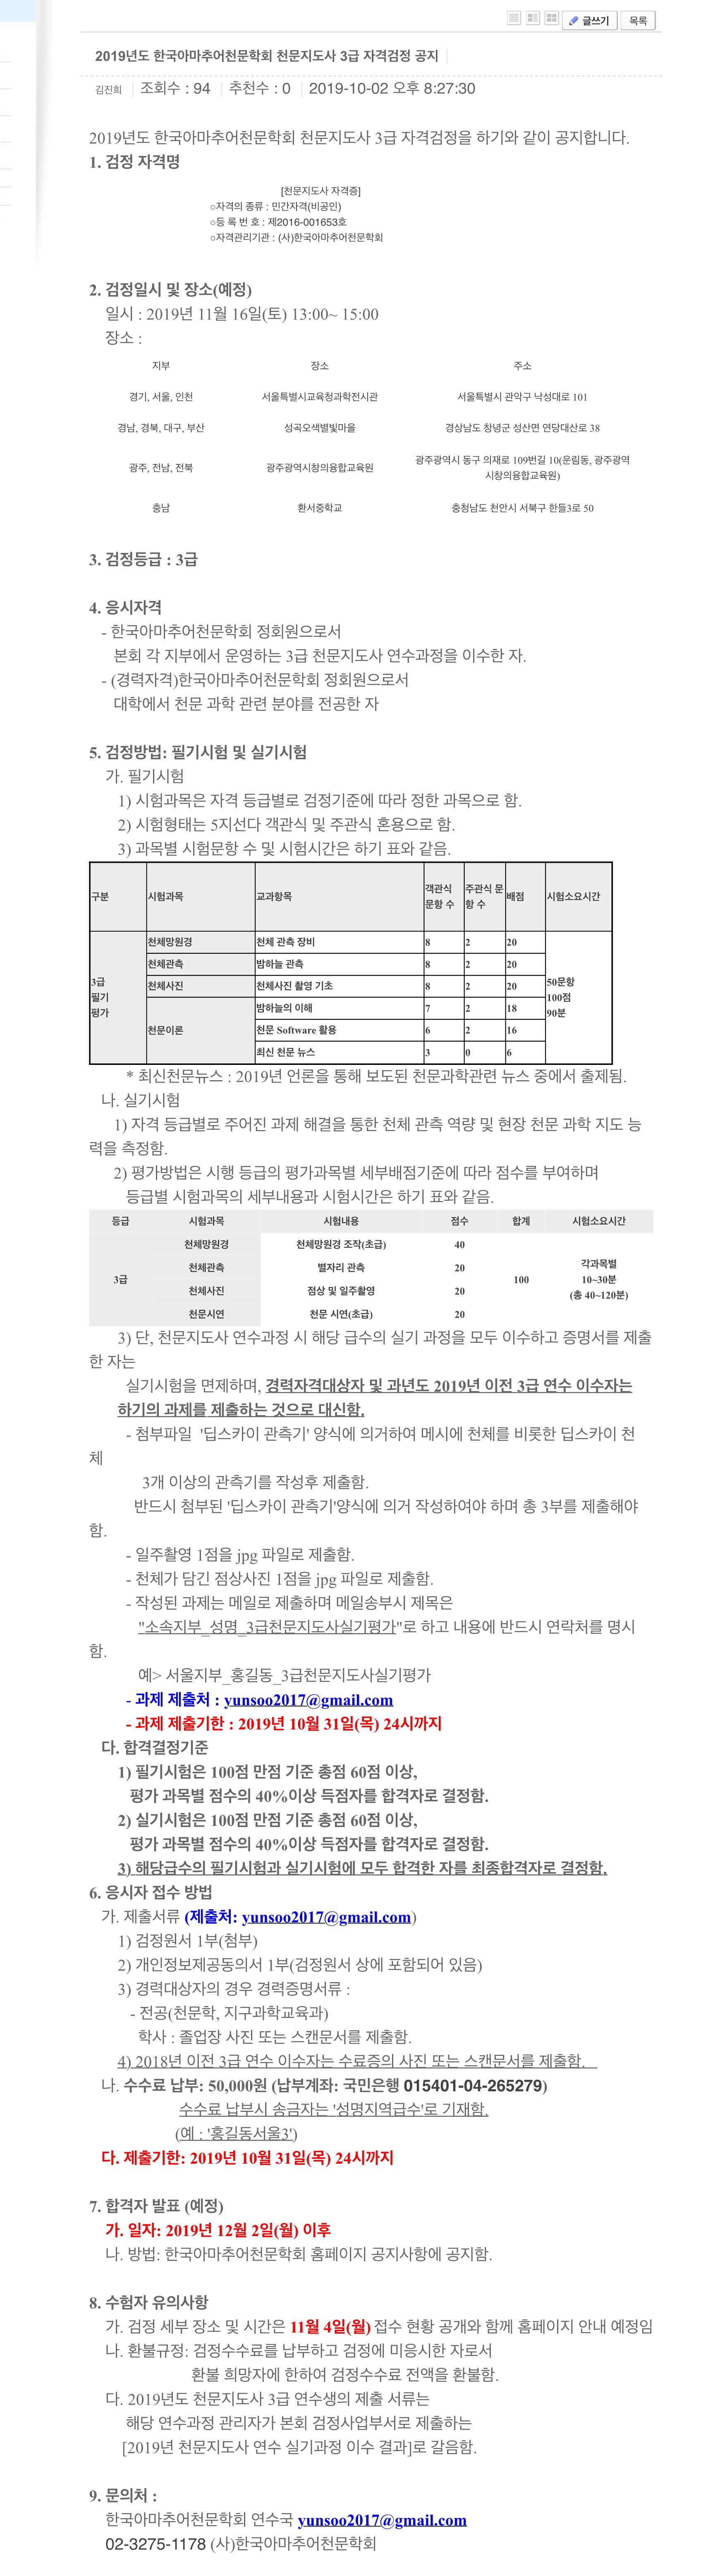 한국아마추어천문학회 2019년 시험장소 및 일정.jpg